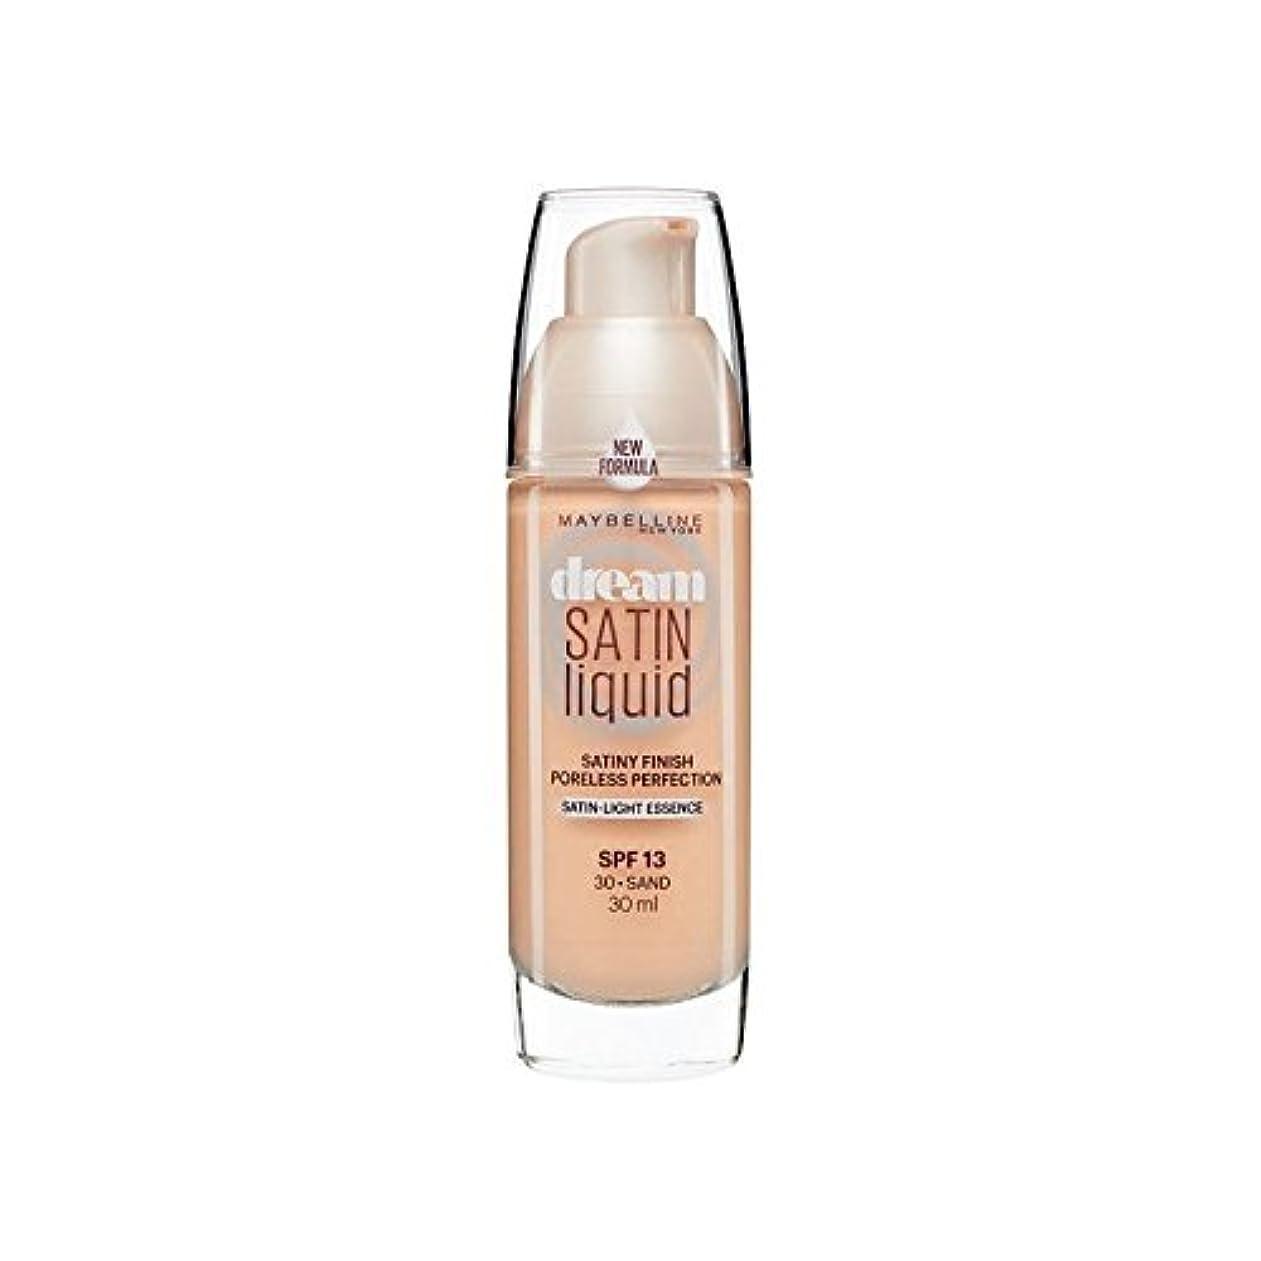 クレーター逃すあごひげMaybelline Dream Satin Liquid Foundation 30 Sand 30ml - メイベリン夢サテンリキッドファンデーション30砂の30ミリリットル [並行輸入品]